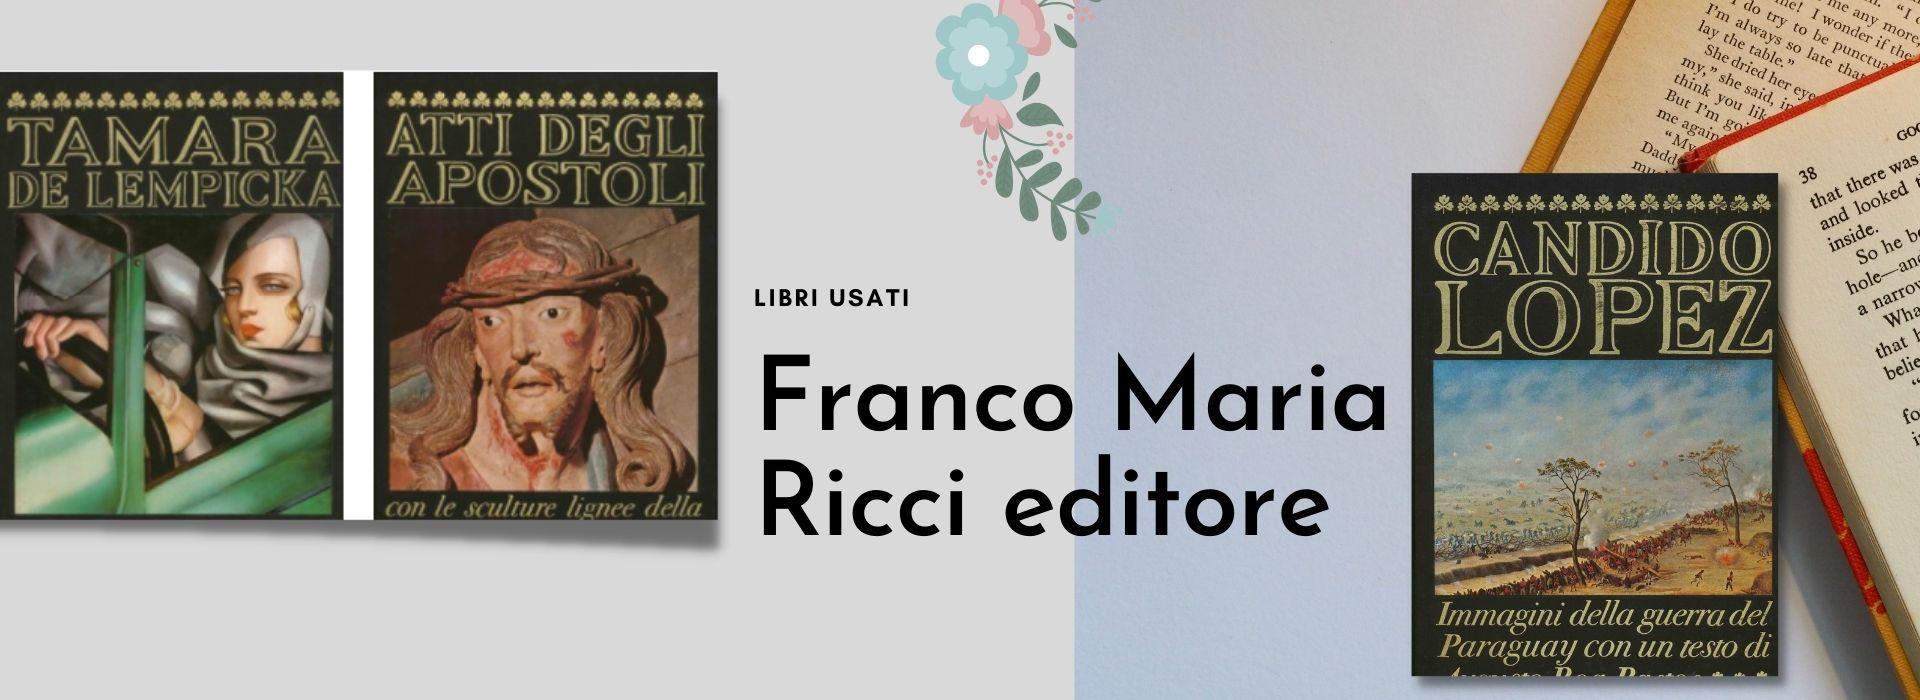 Franco Maria Ricci Editore